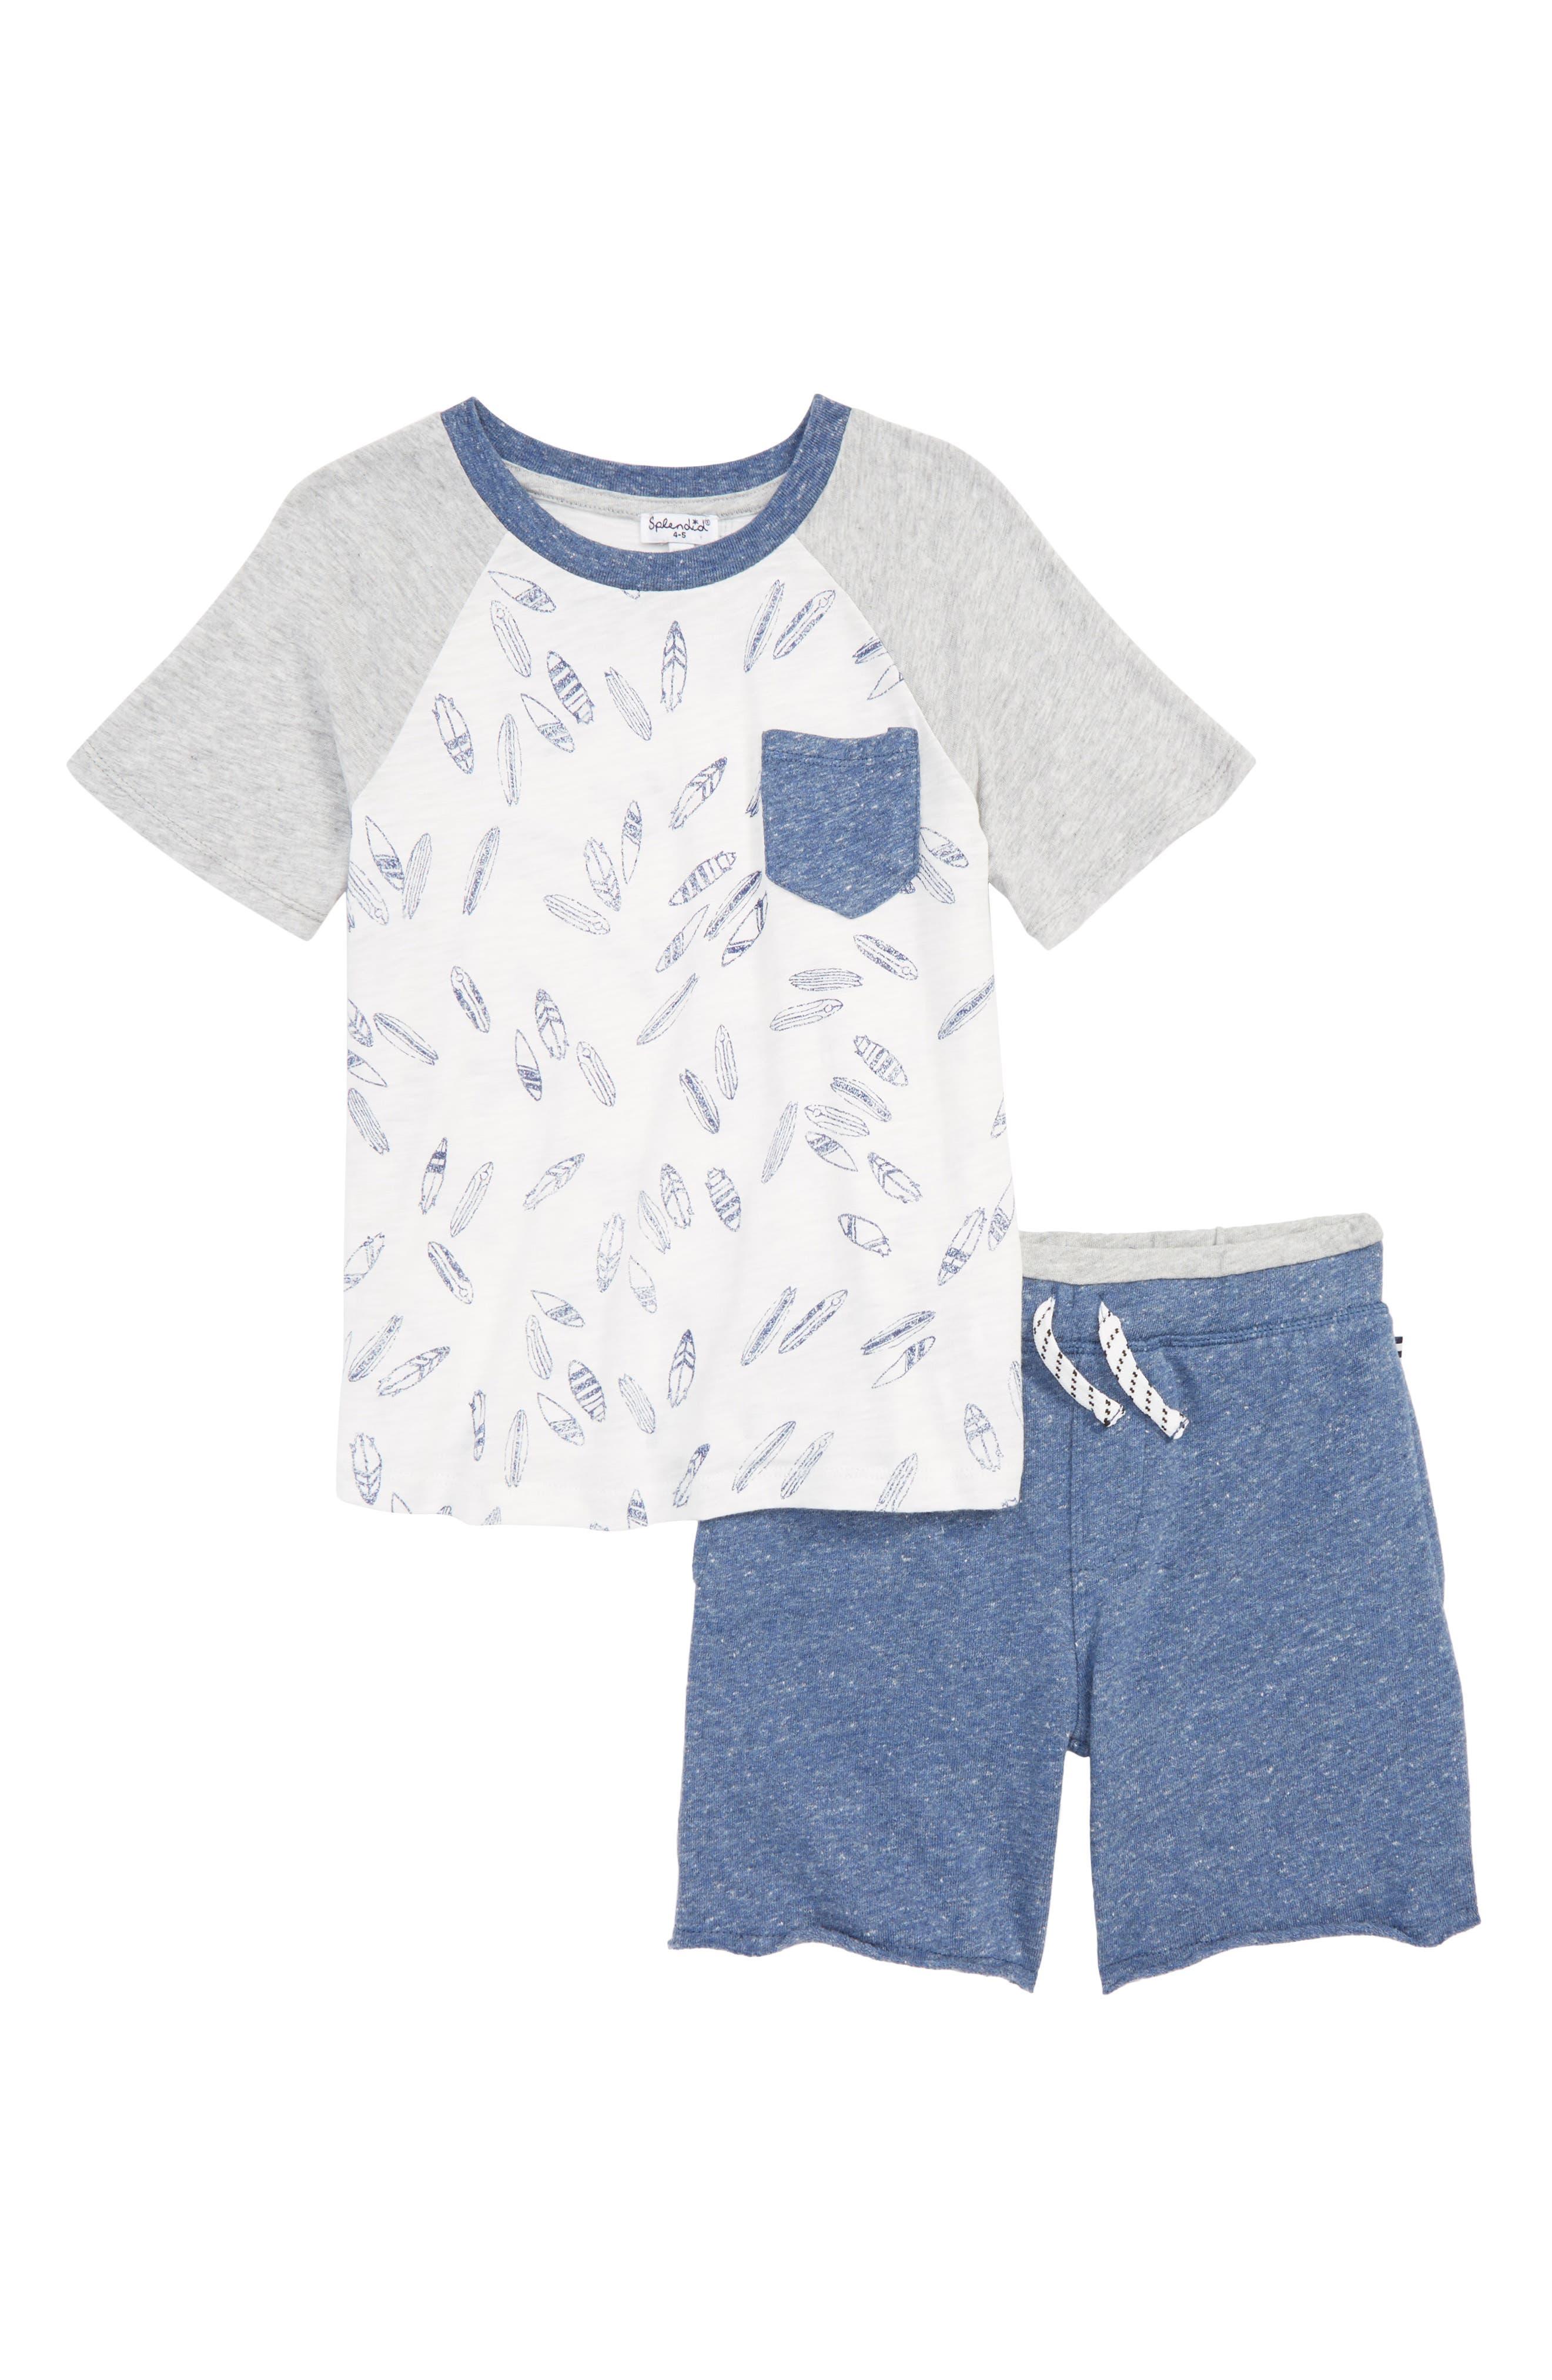 Surfboard T-Shirt & Shorts Set,                             Main thumbnail 1, color,